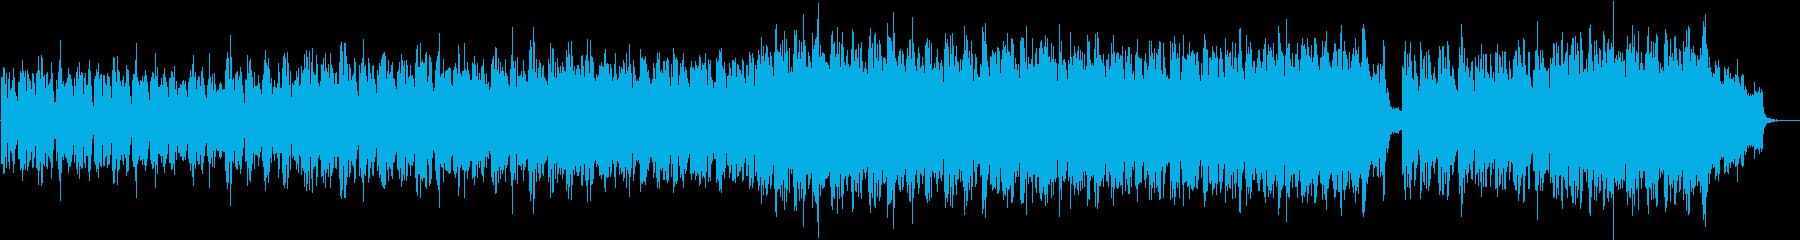 失いかけた大切なピアノメロディーの再生済みの波形